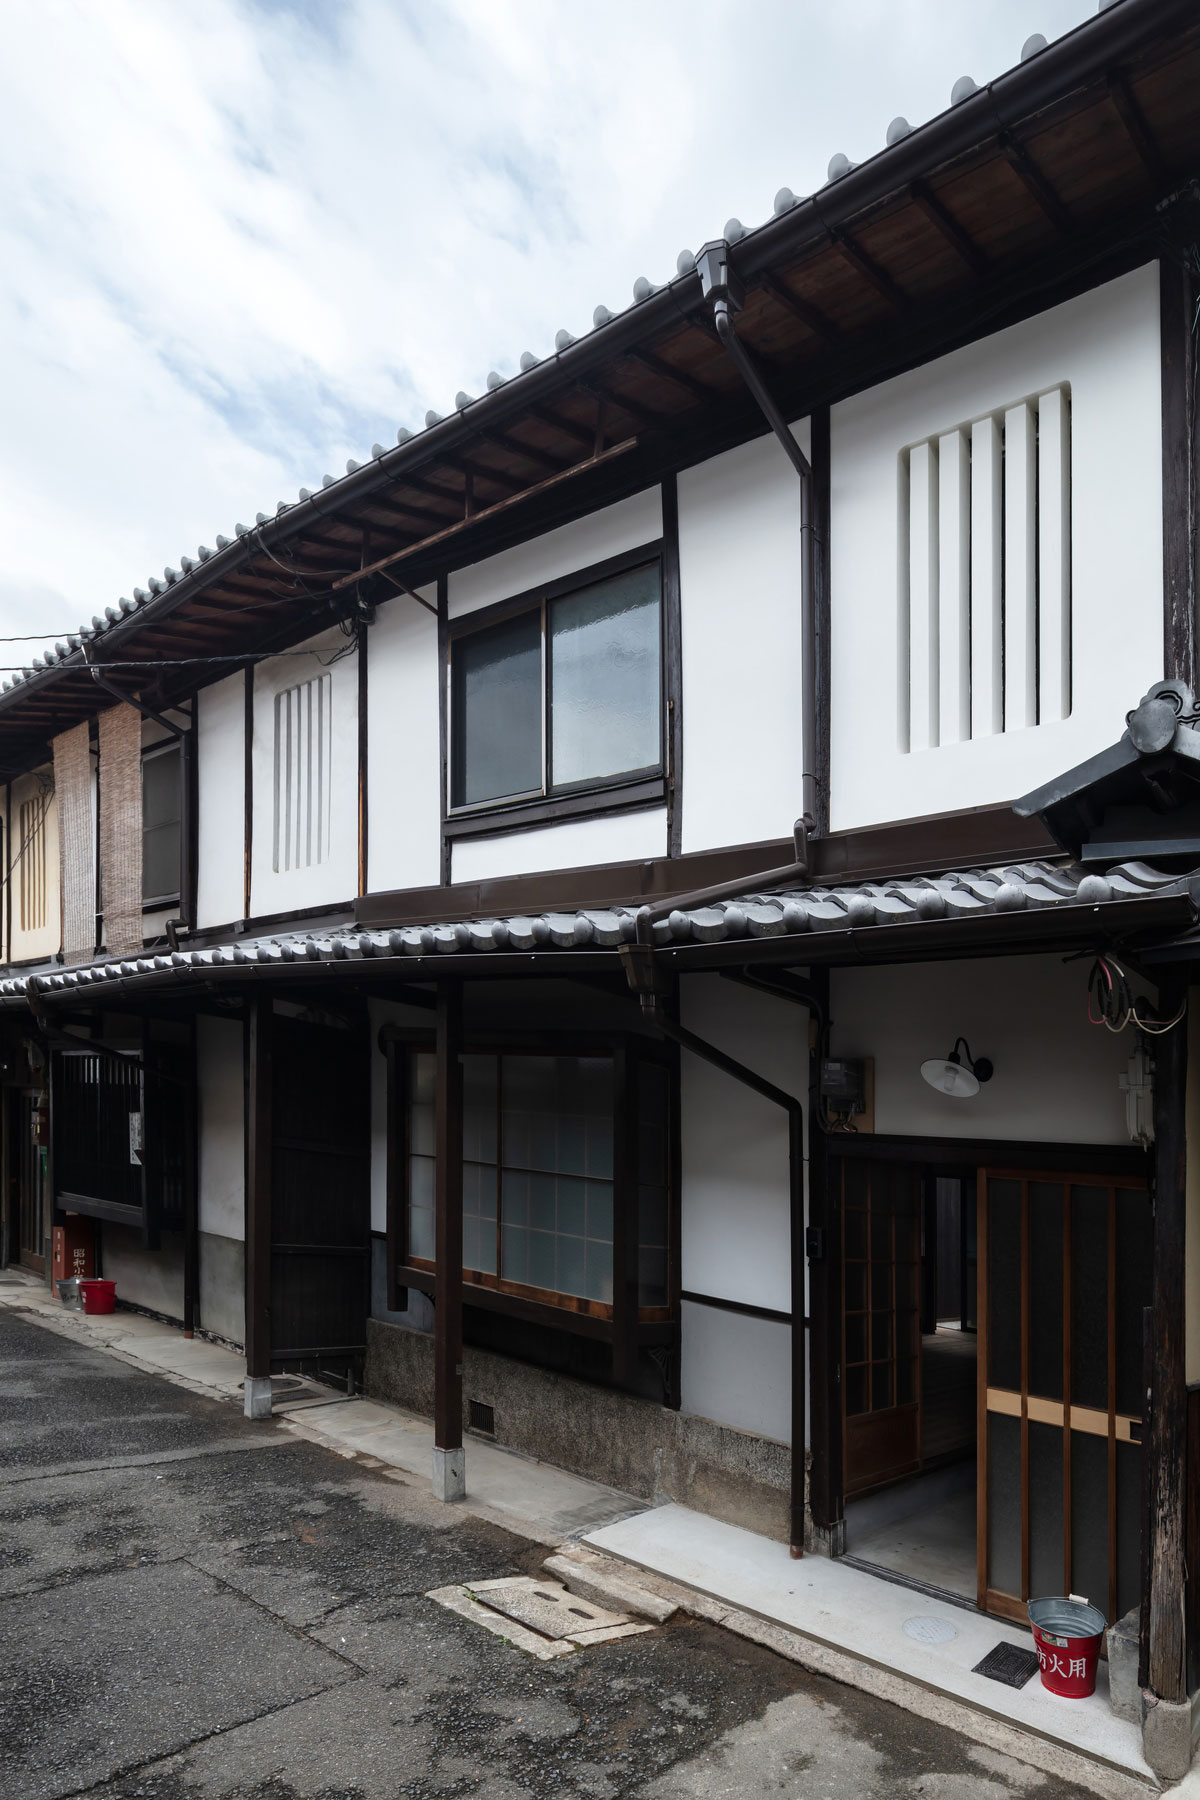 昭和小路の長屋II